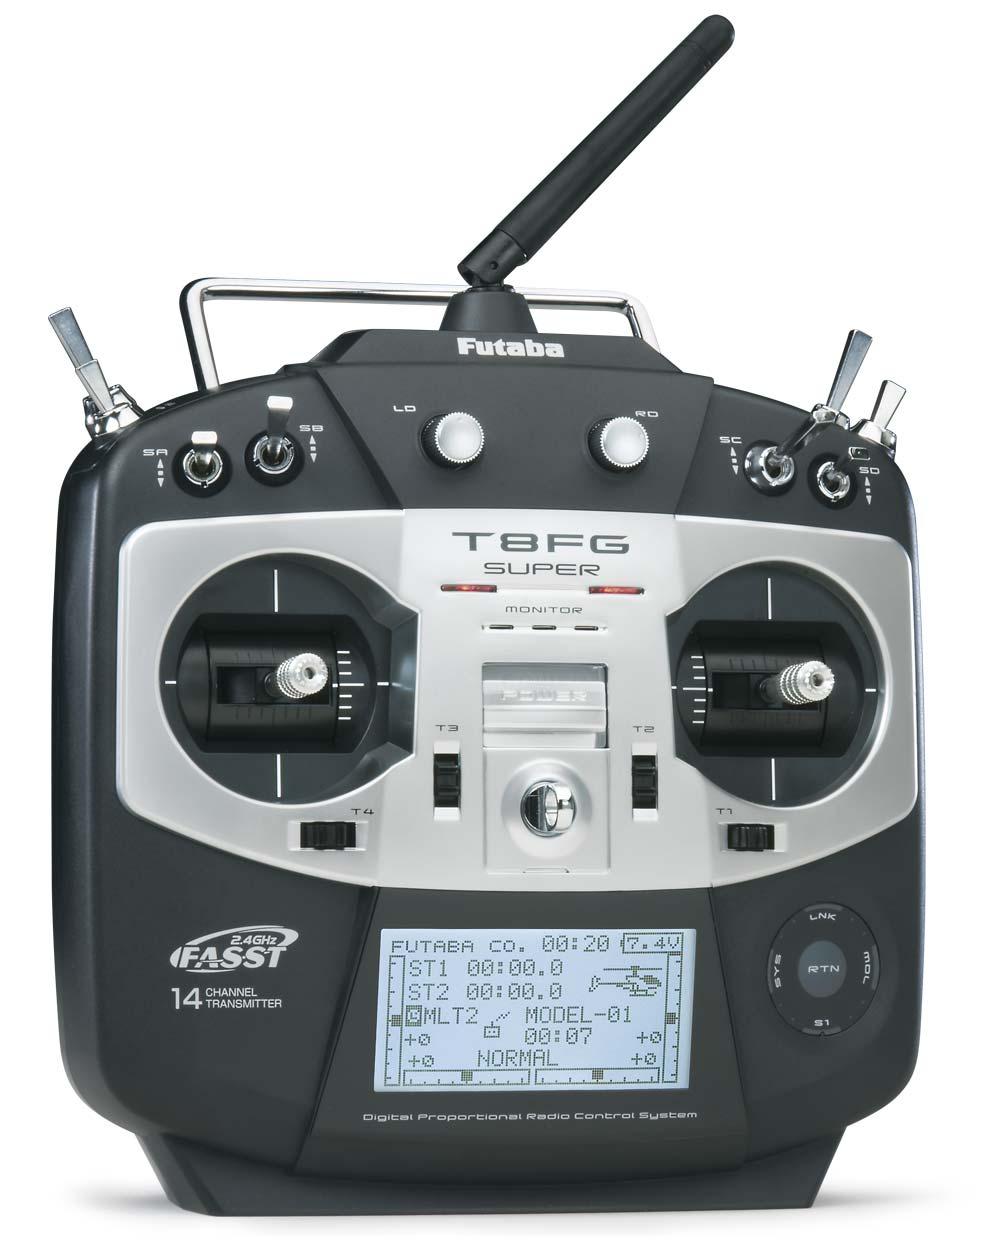 Futaba Futaba T8FG Super FASST 14-Channel 2.4GHz Radio ...  Futaba Futaba T...